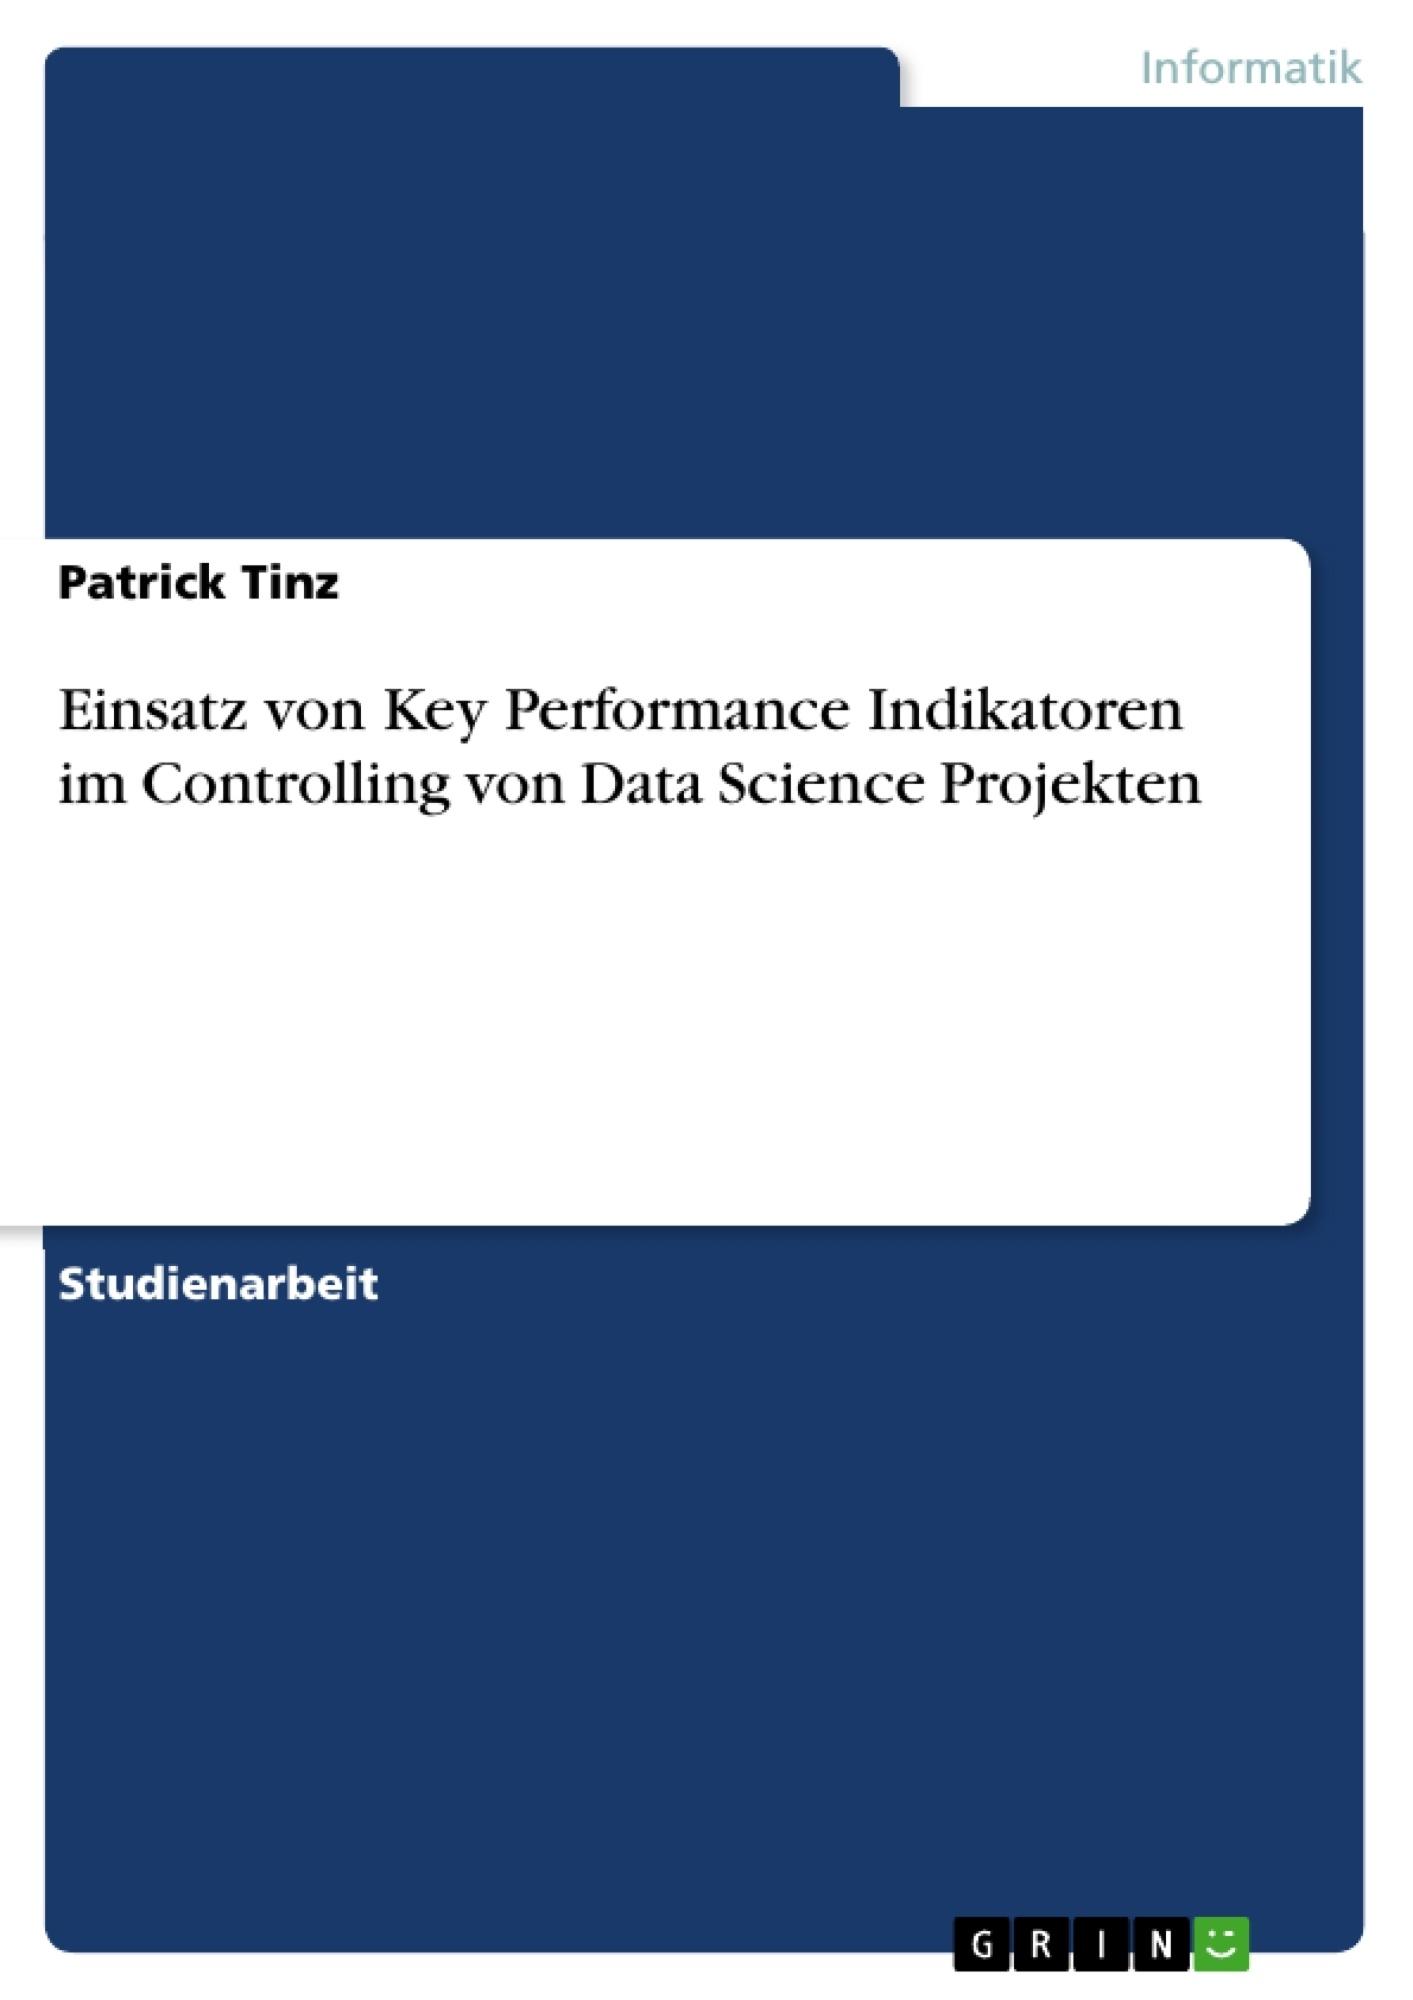 Titel: Einsatz von Key Performance Indikatoren im Controlling von Data Science Projekten